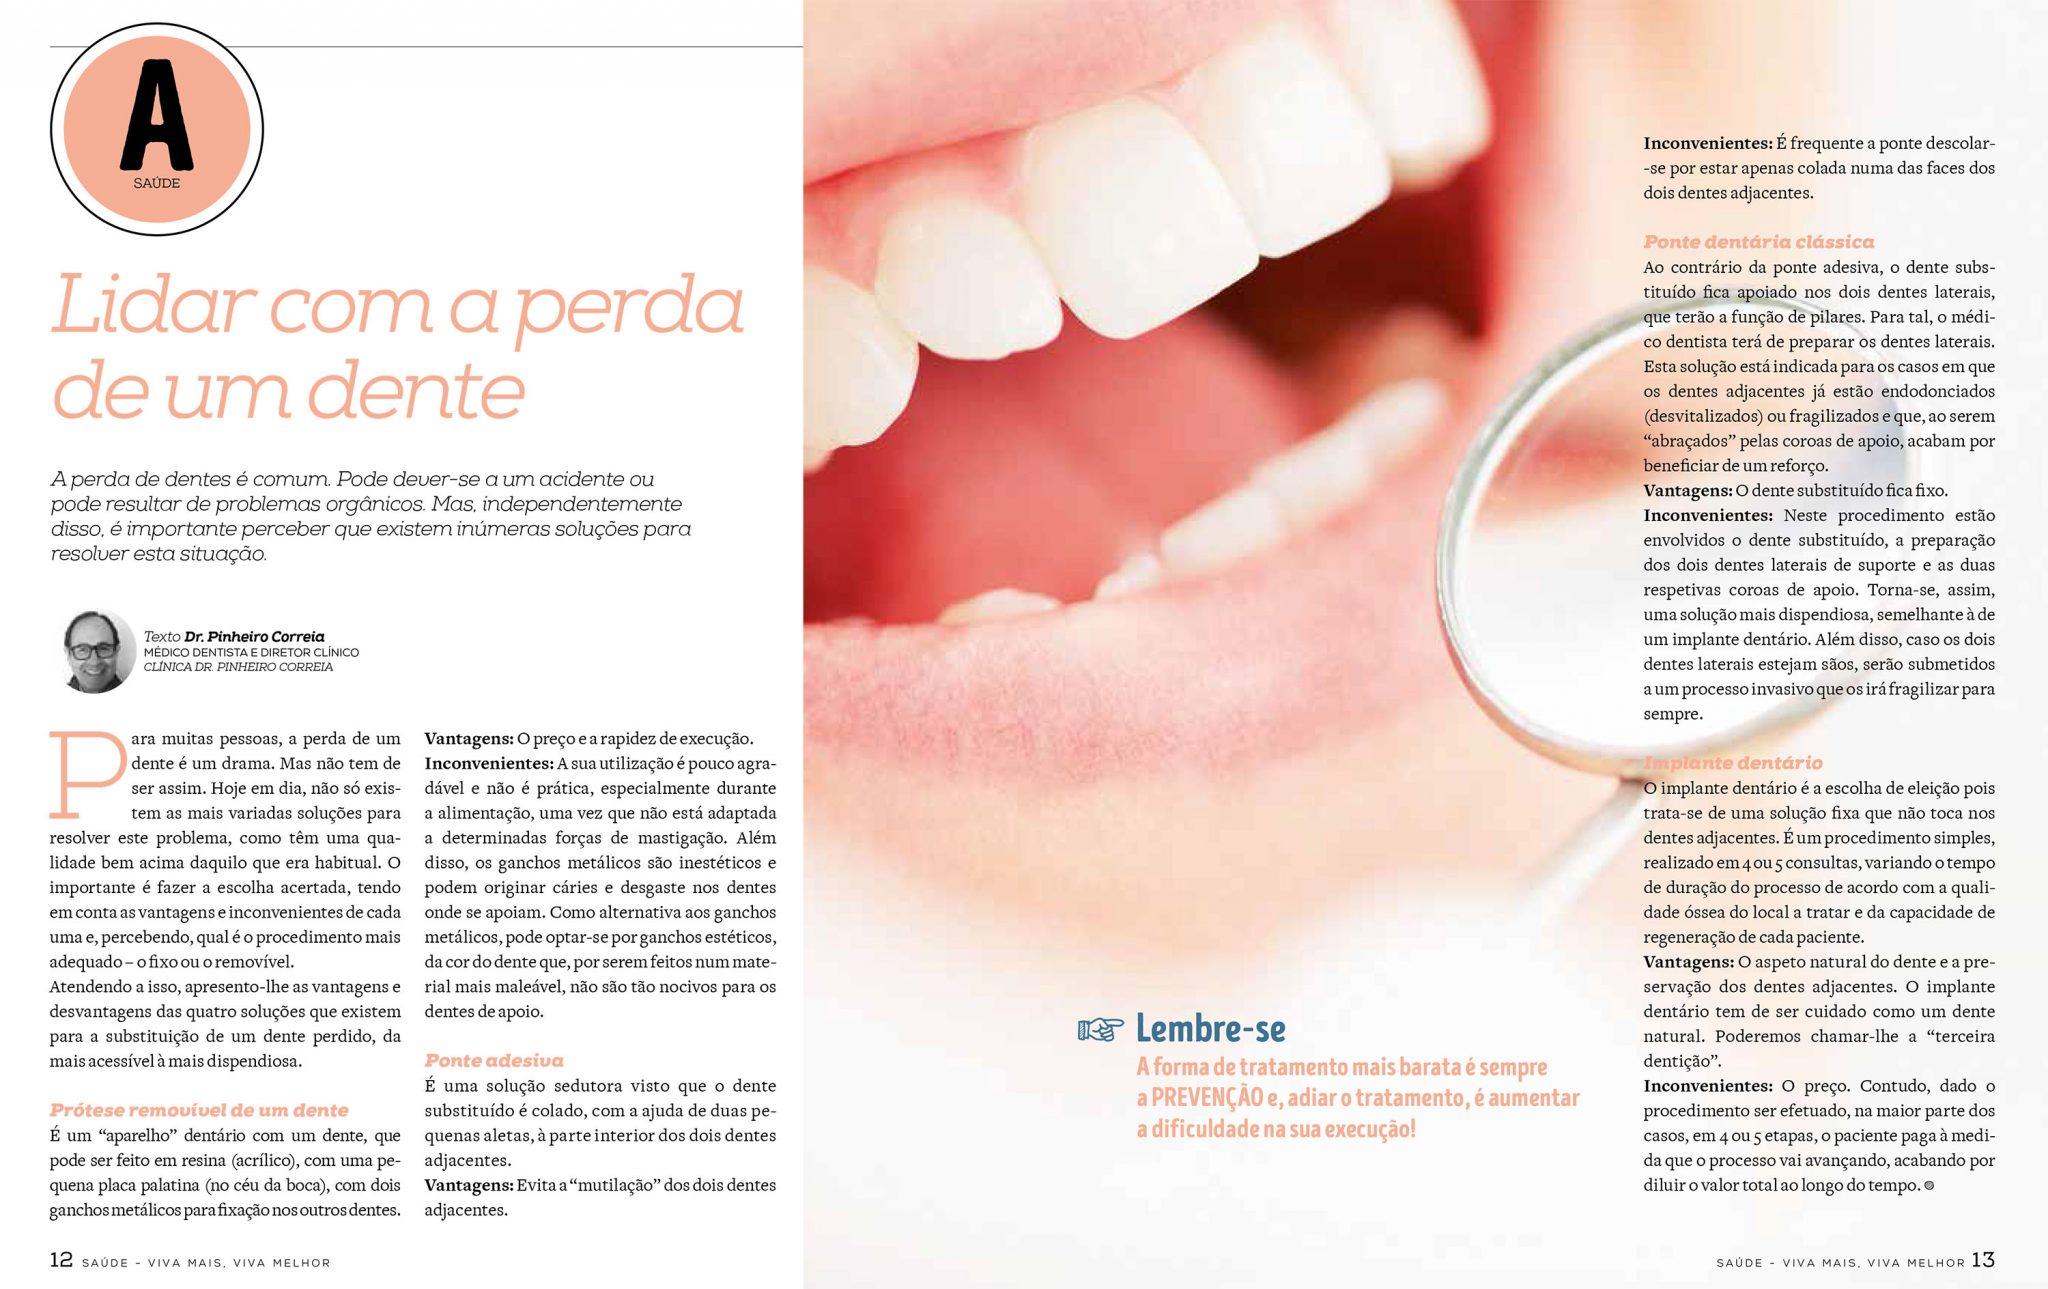 Lidar com a perda de um dente